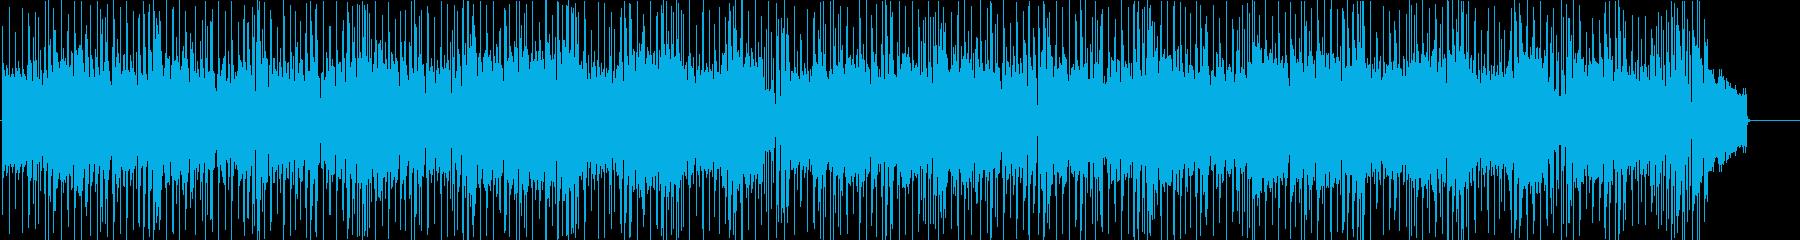 不安 緊張 追跡 あやしい スリル 夜の再生済みの波形